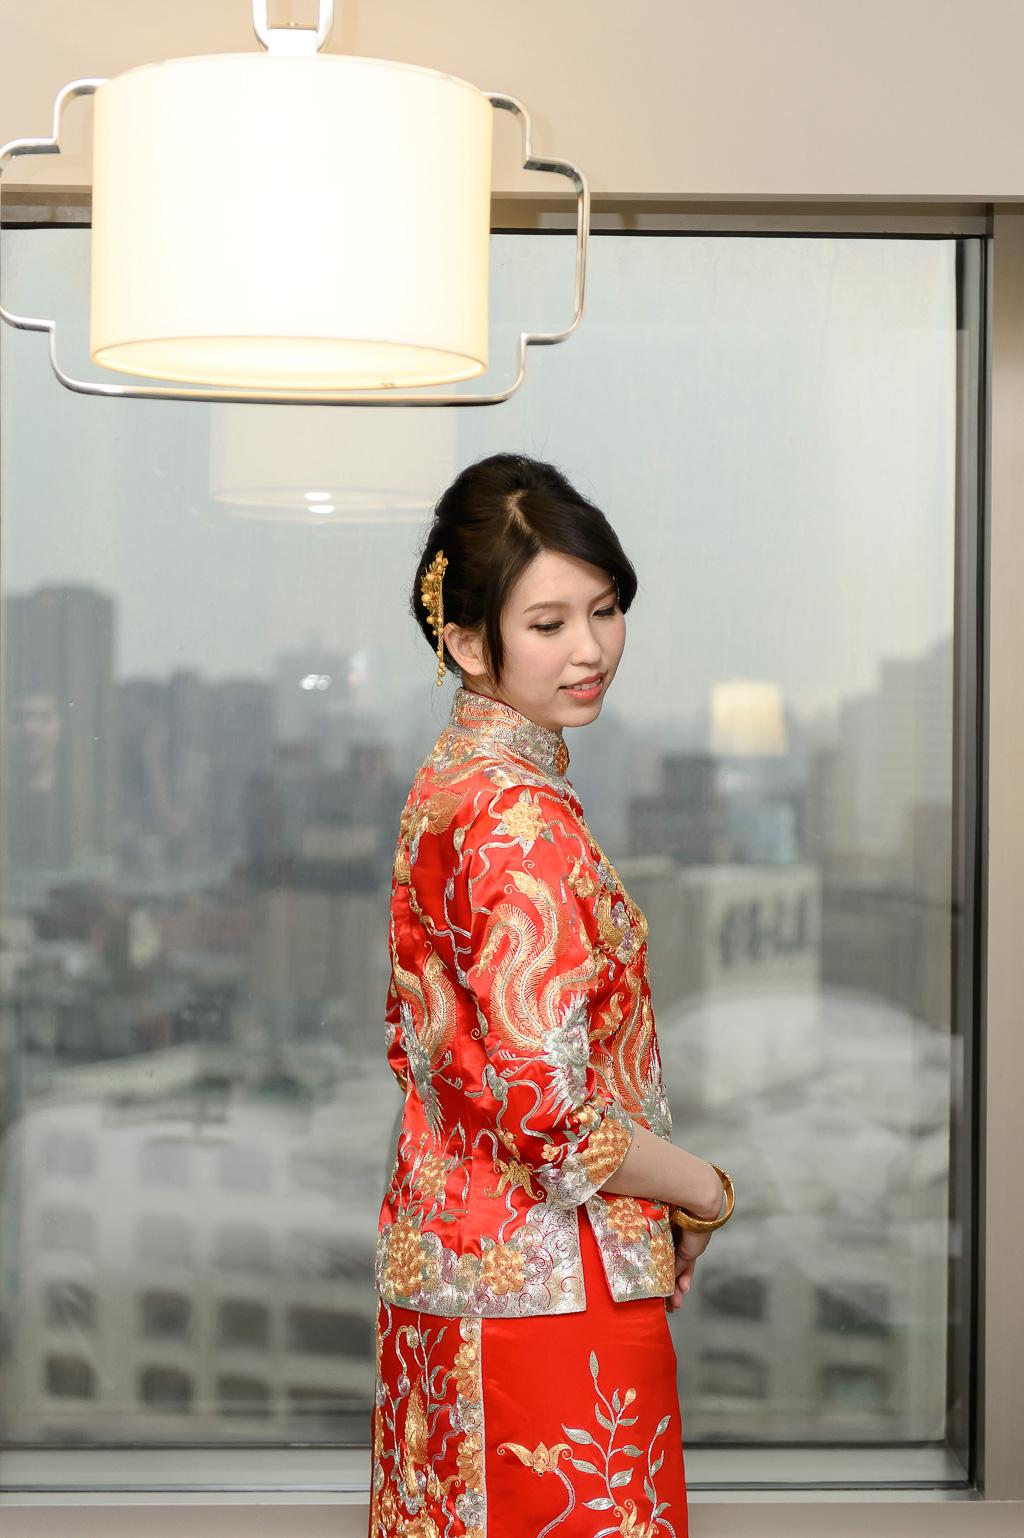 婚攝小勇,小寶團隊, 新娘Cindy, 自助婚紗, 婚禮紀錄, 遠東香格里拉宴客,宴客,台北,wedding day-004